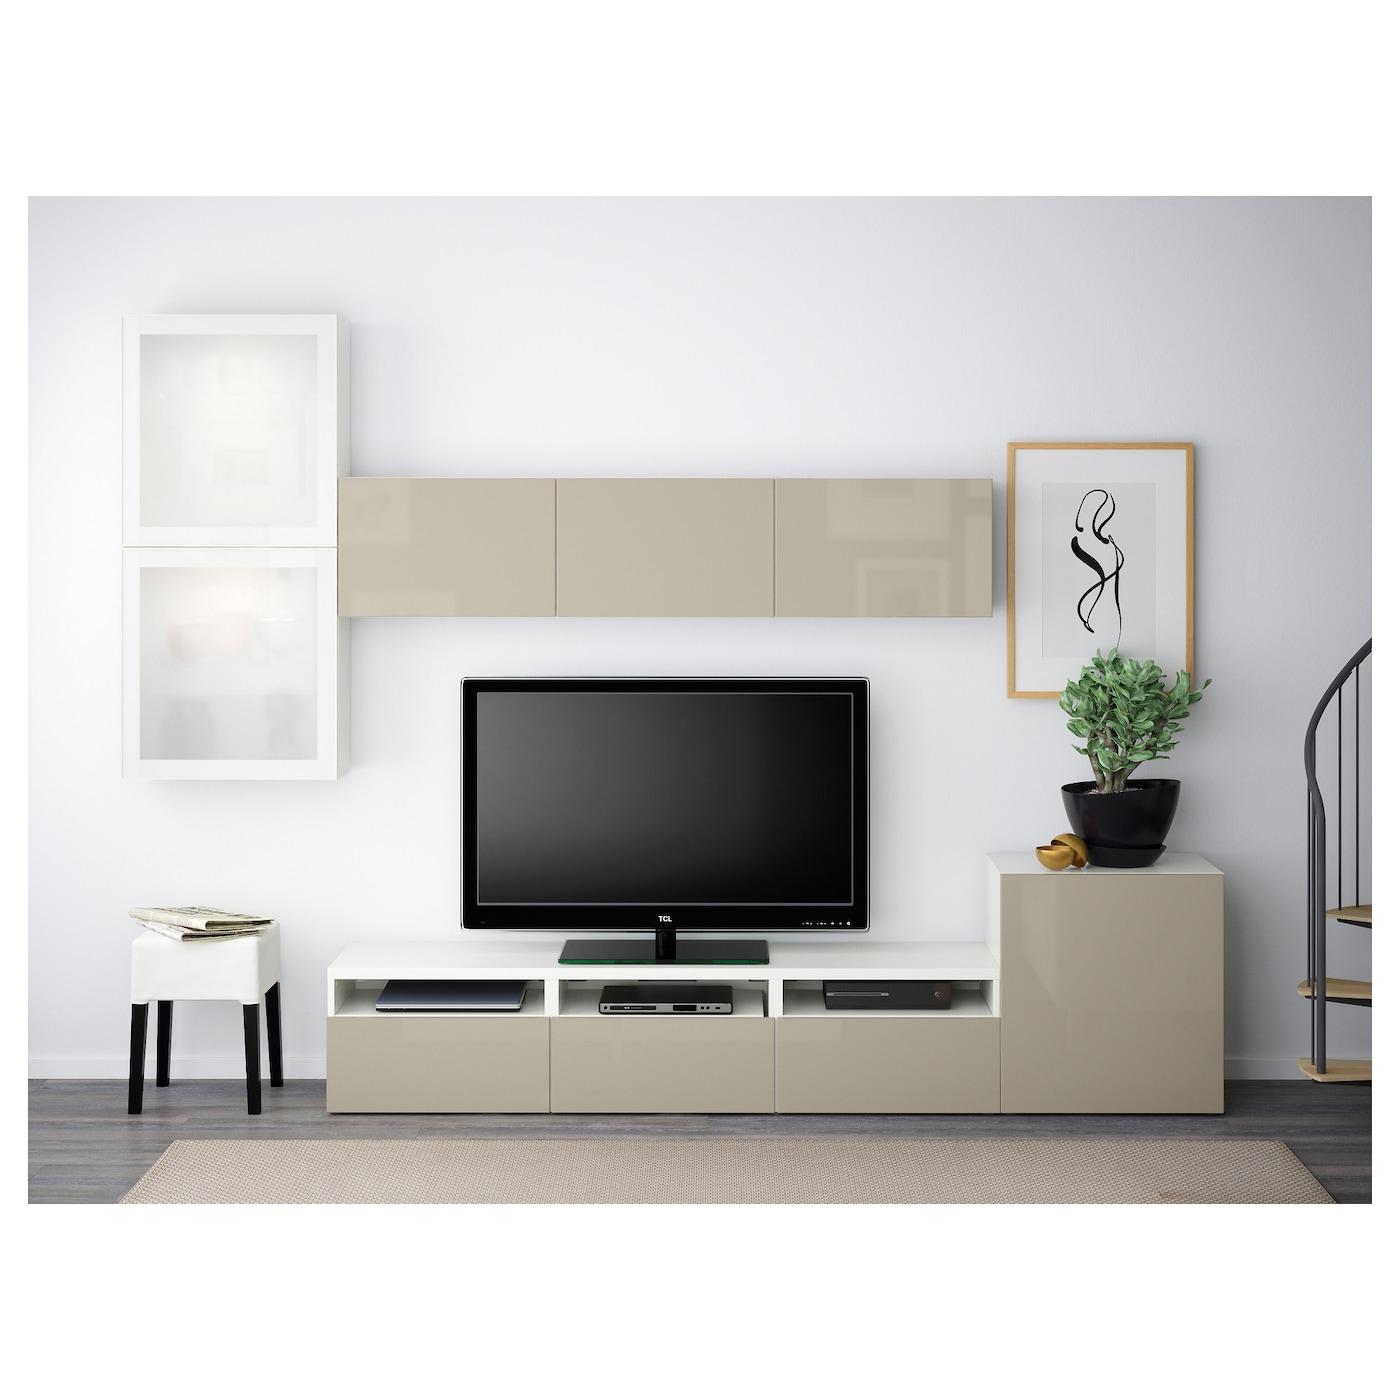 ikea porta di roma finanziamento tasso zero fino al 2. Black Bedroom Furniture Sets. Home Design Ideas